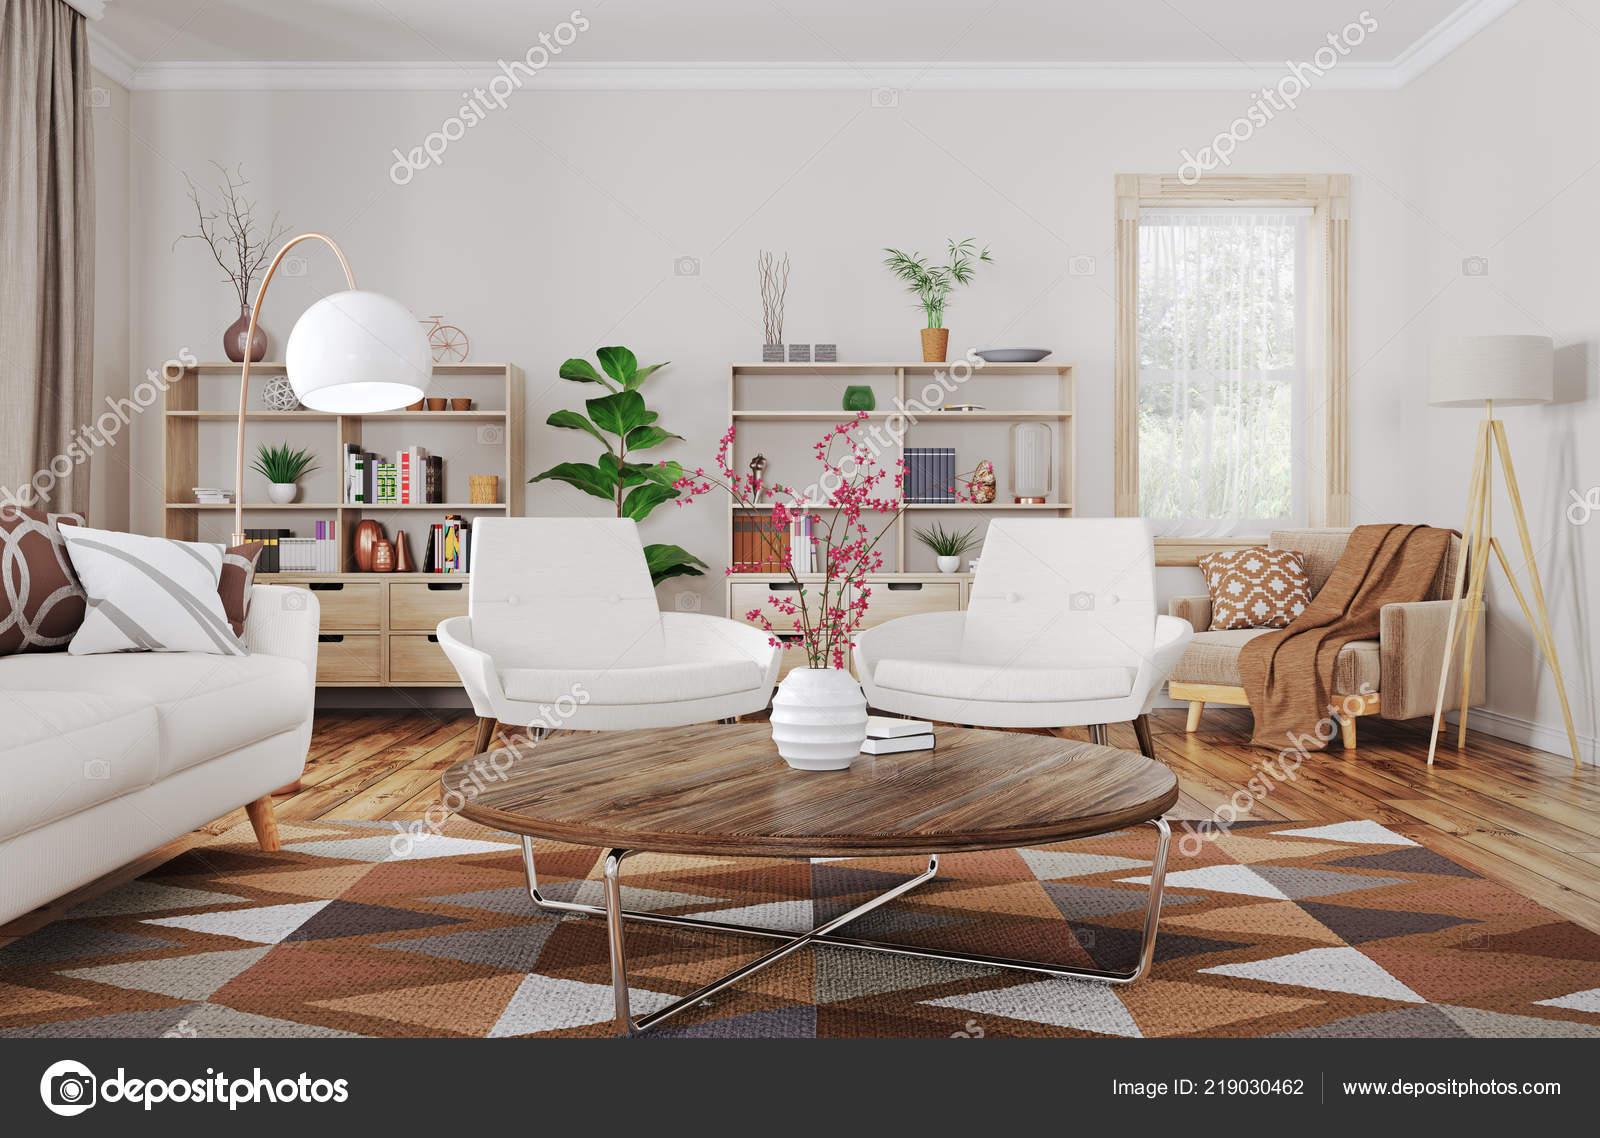 Arredamento moderno della casa soggiorno con divano poltrone